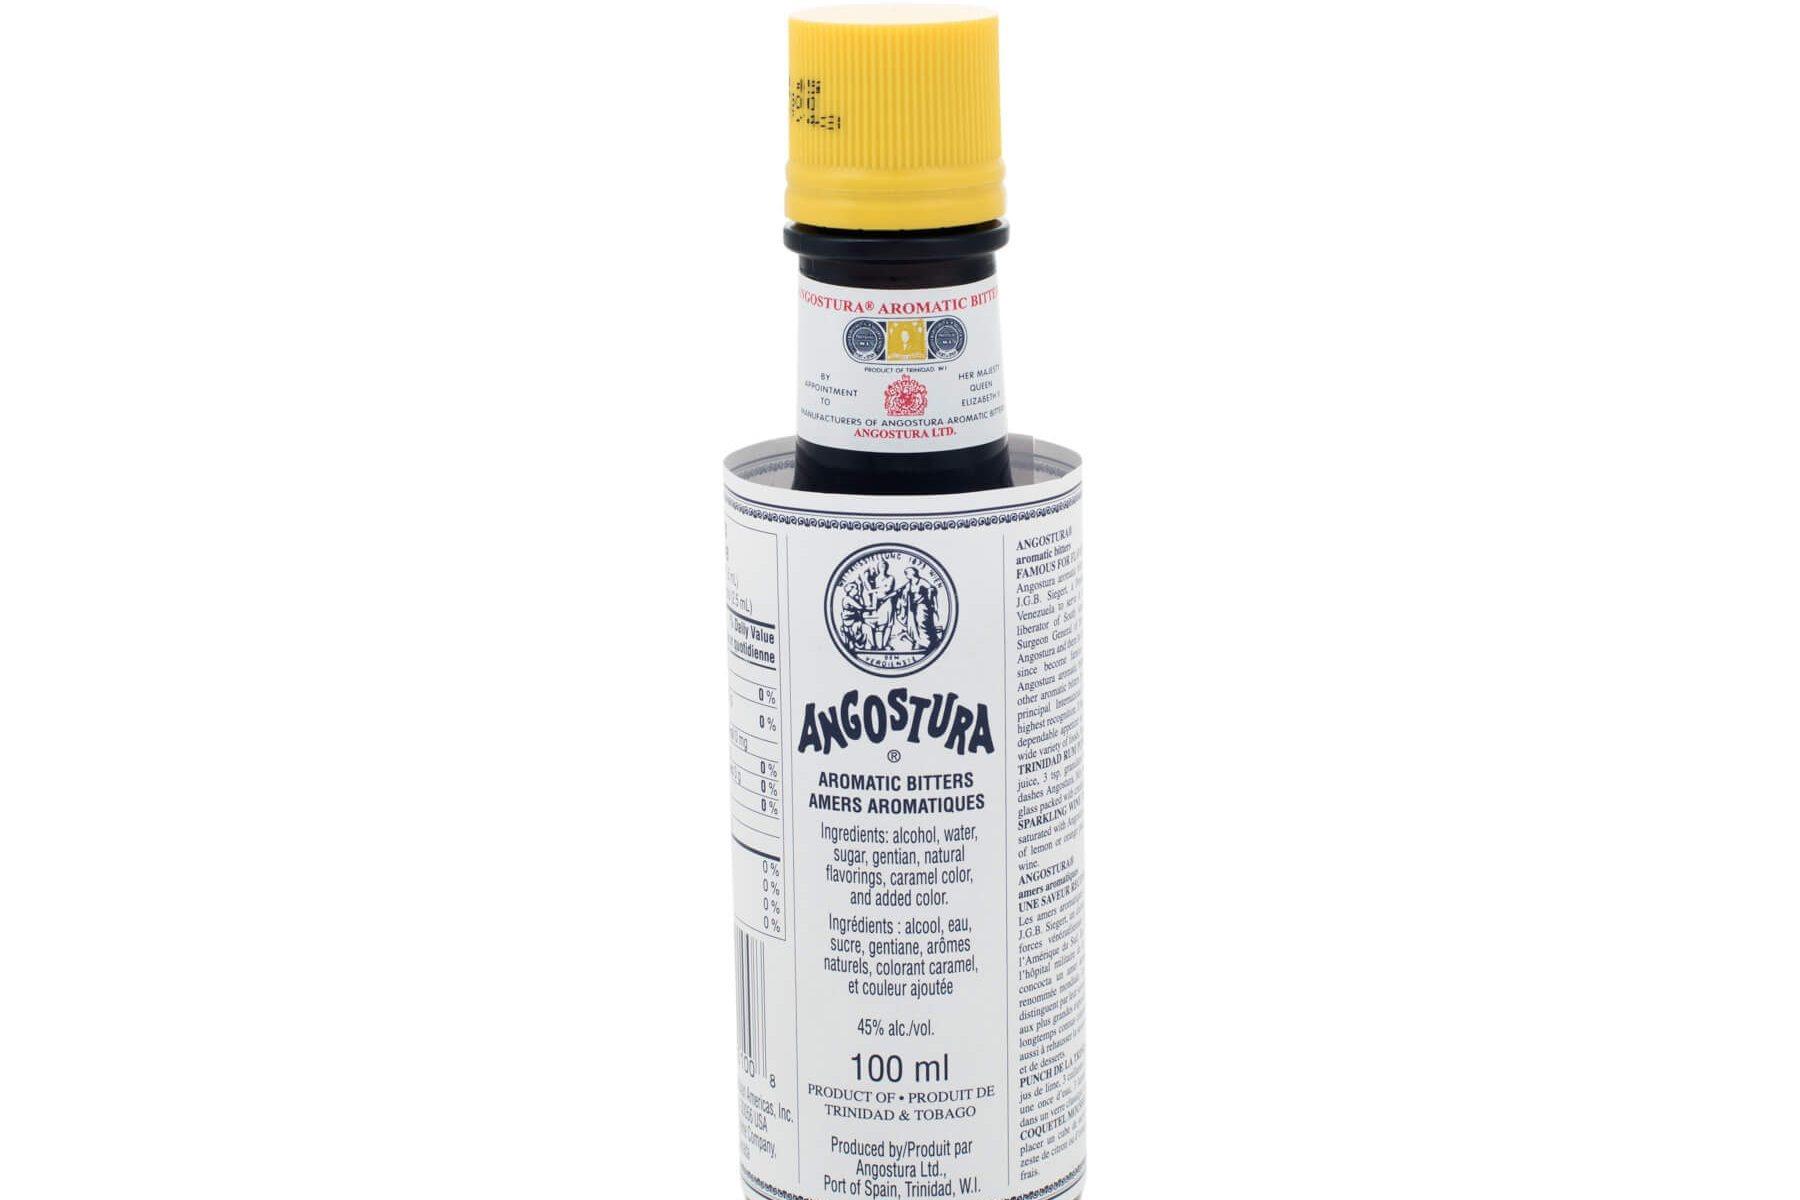 Angostura Aromatic Bitters (100 ml)